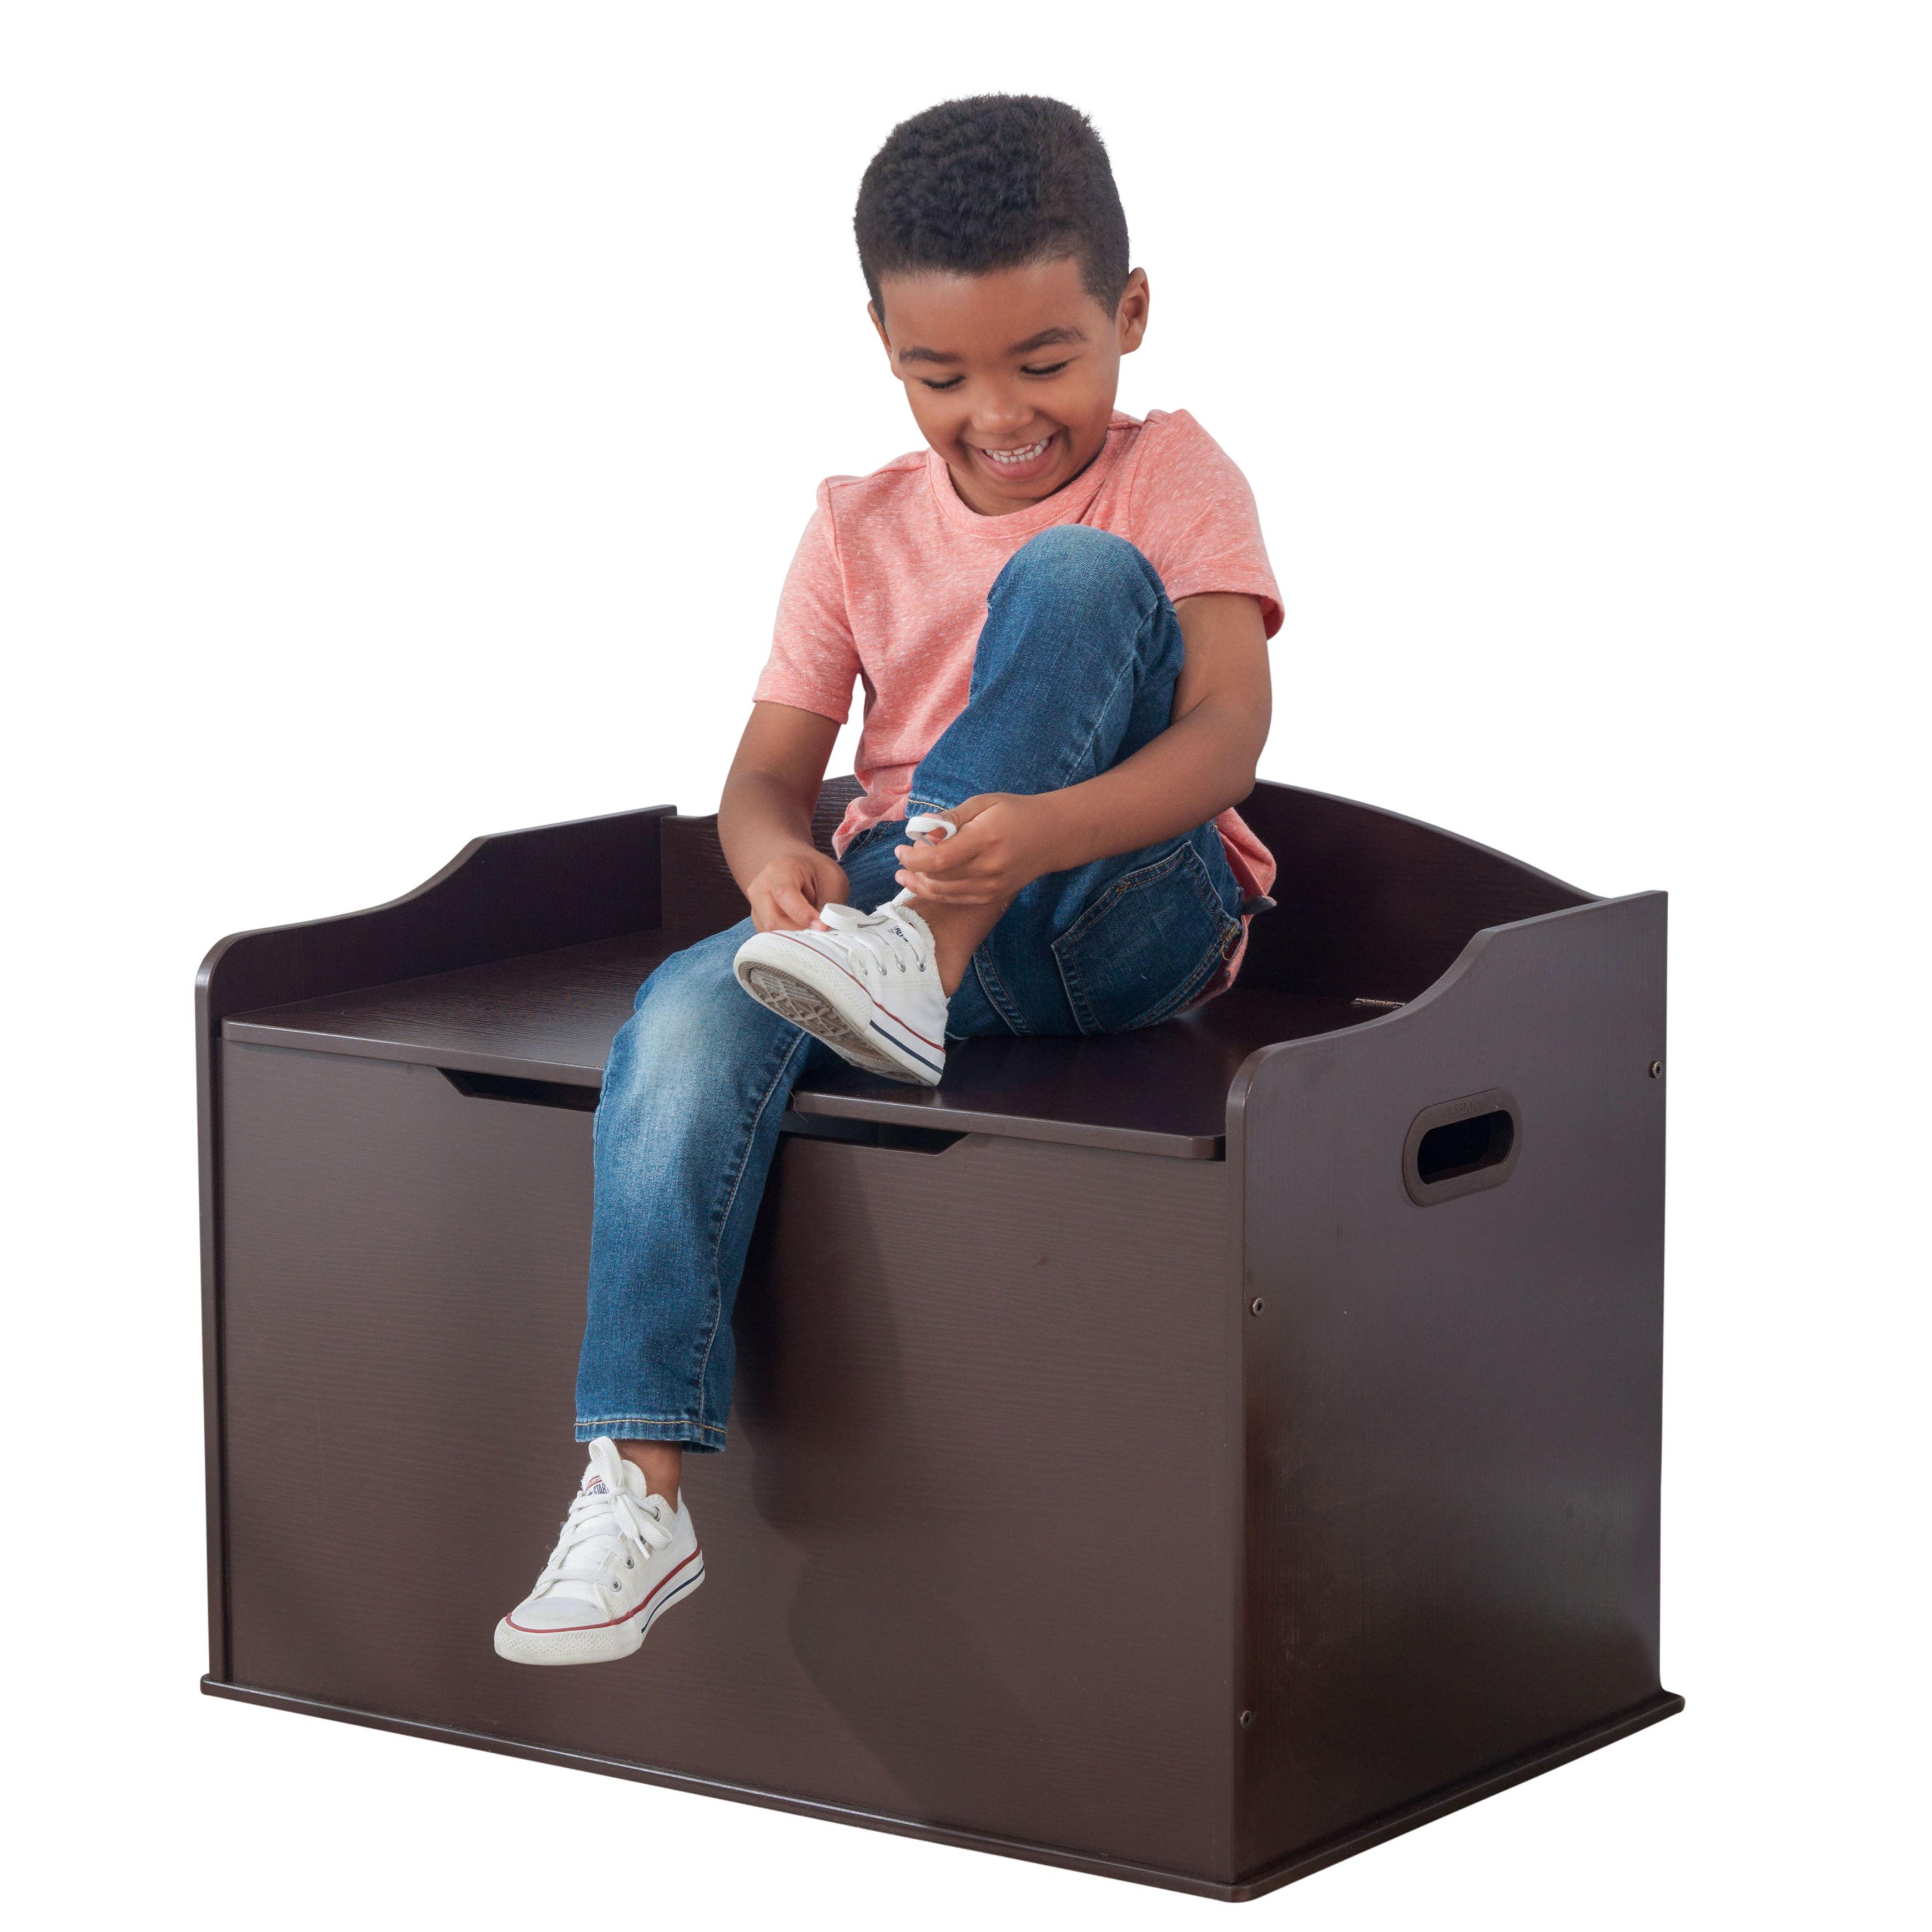 KidKraft Austin Wooden Toy Box 4a306af4e35ee